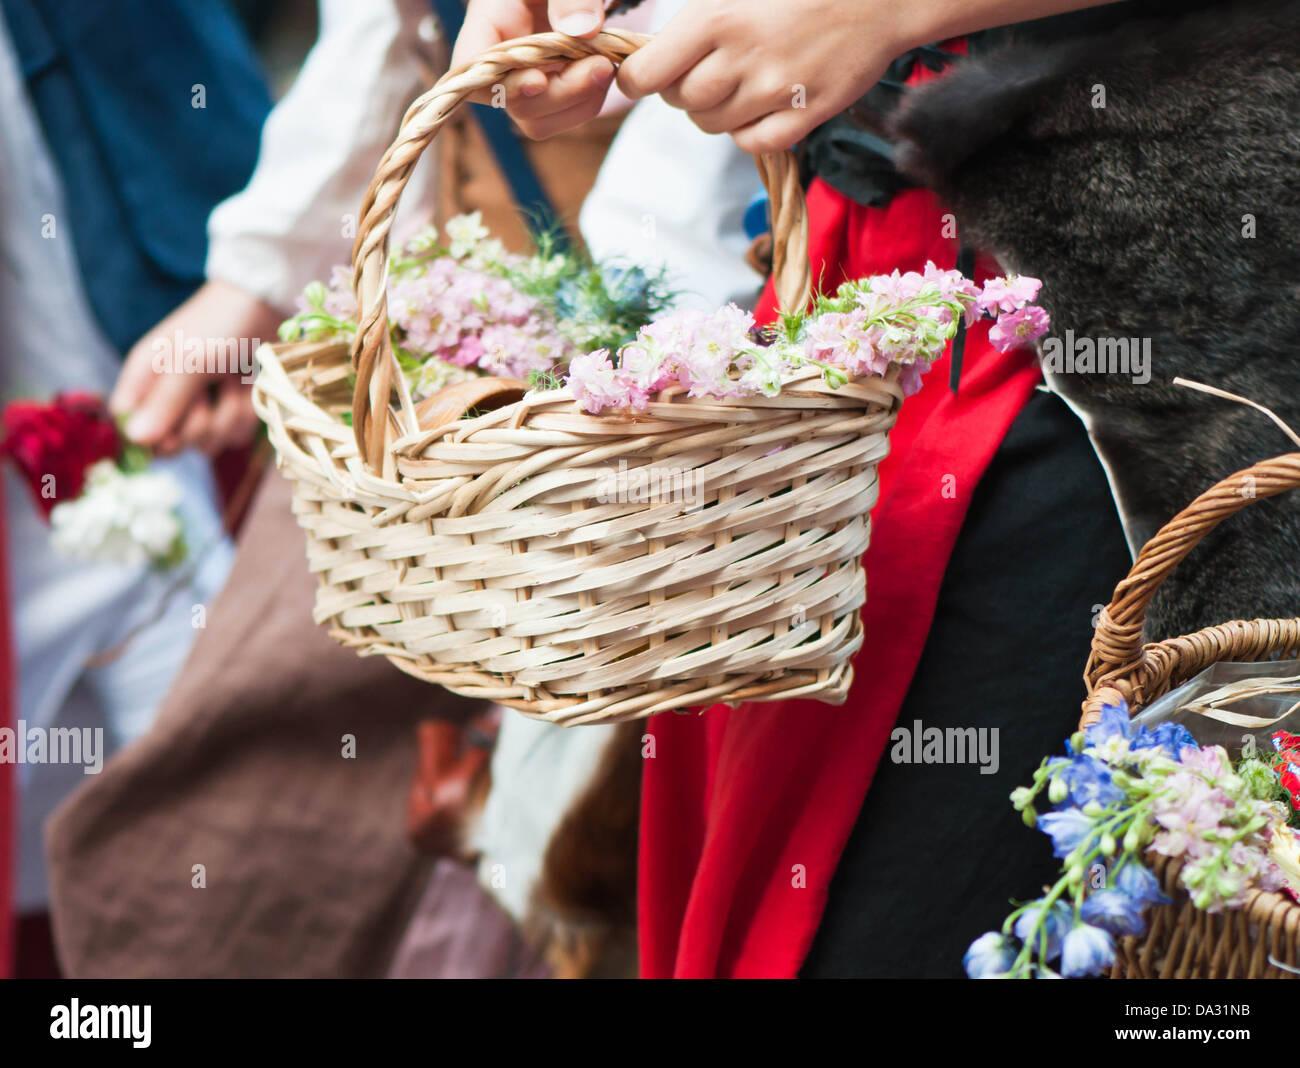 Koerbchen, Peddigrohr, Gelb, Feier, Blütenblatt, Geschenk, Liebe, Rosa, Pflanze, colormix, Blüte, Lila, - Stock Image